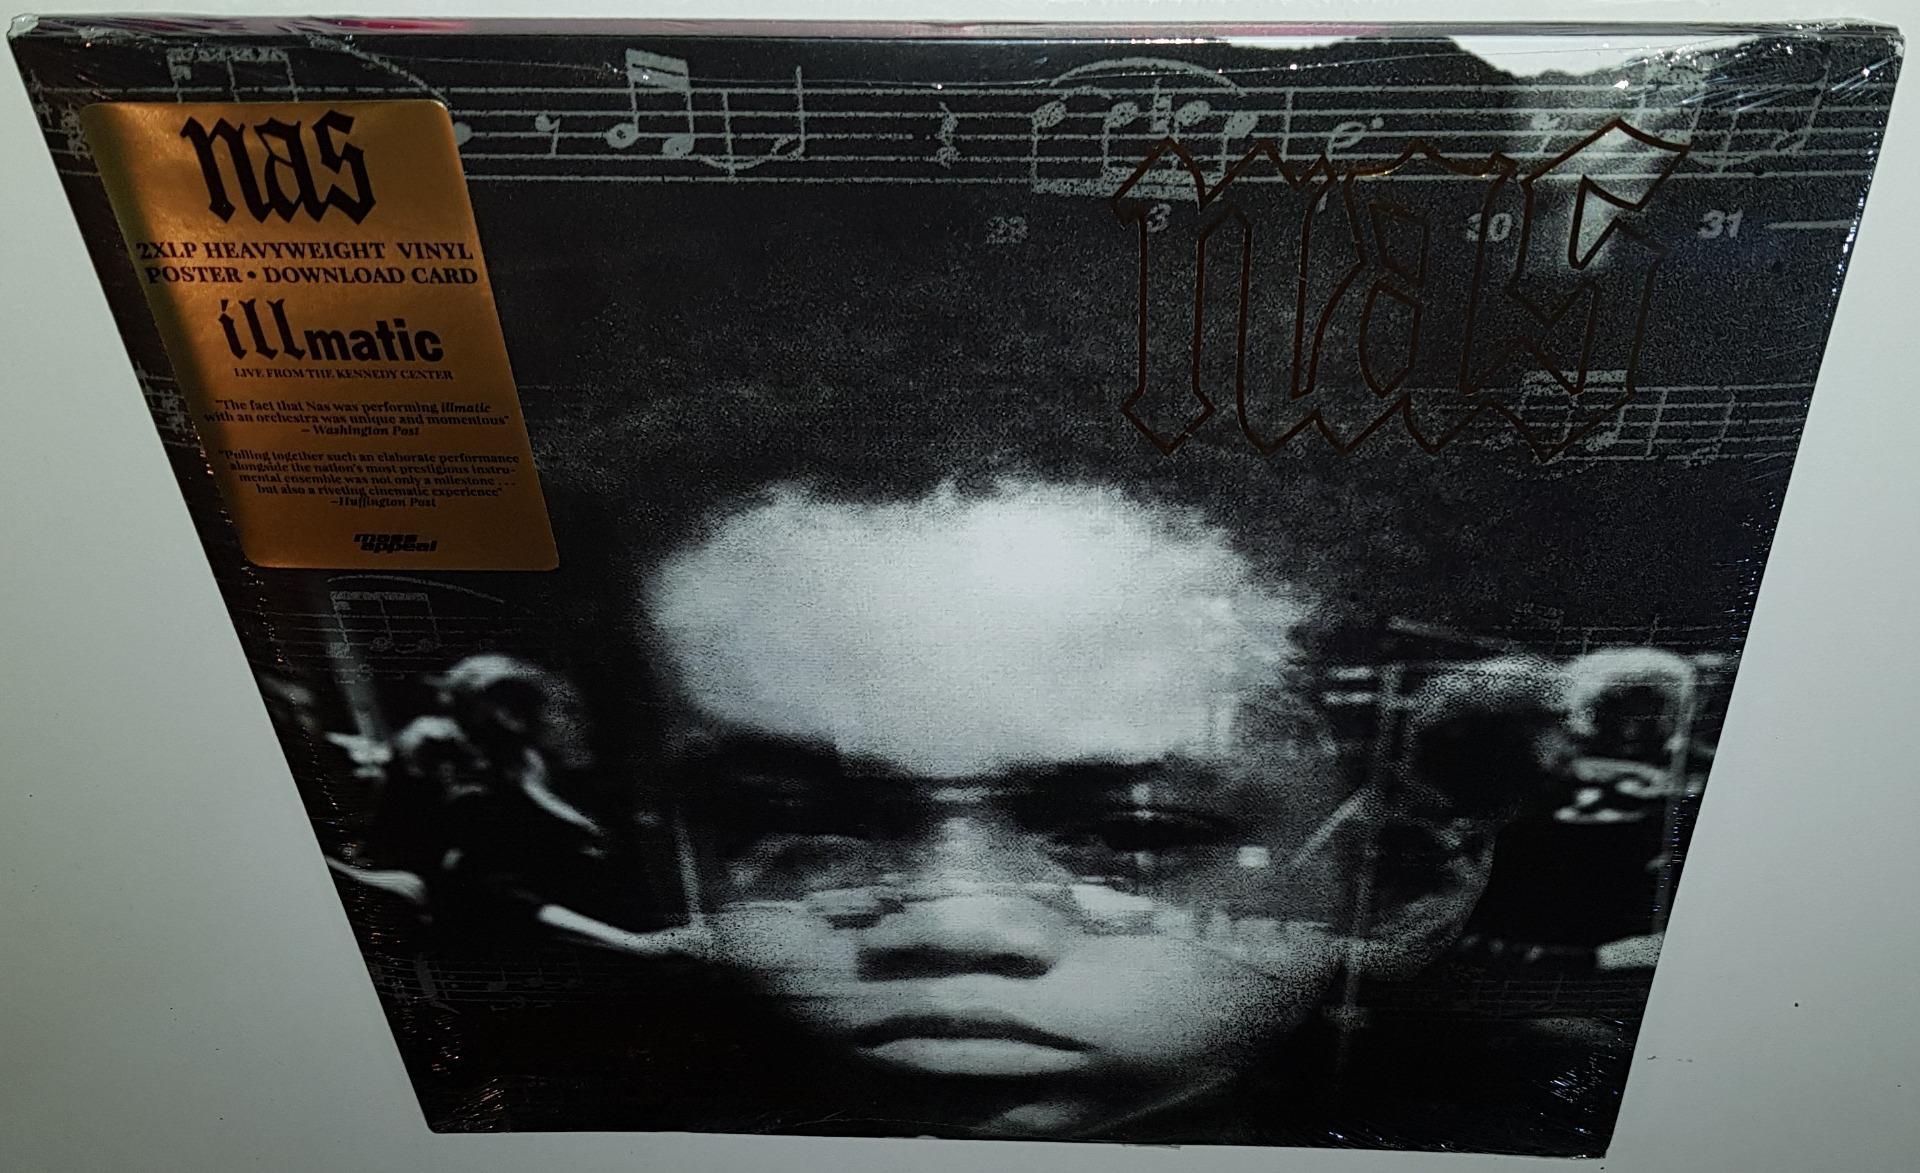 Nas Illmatic Live Vinyl